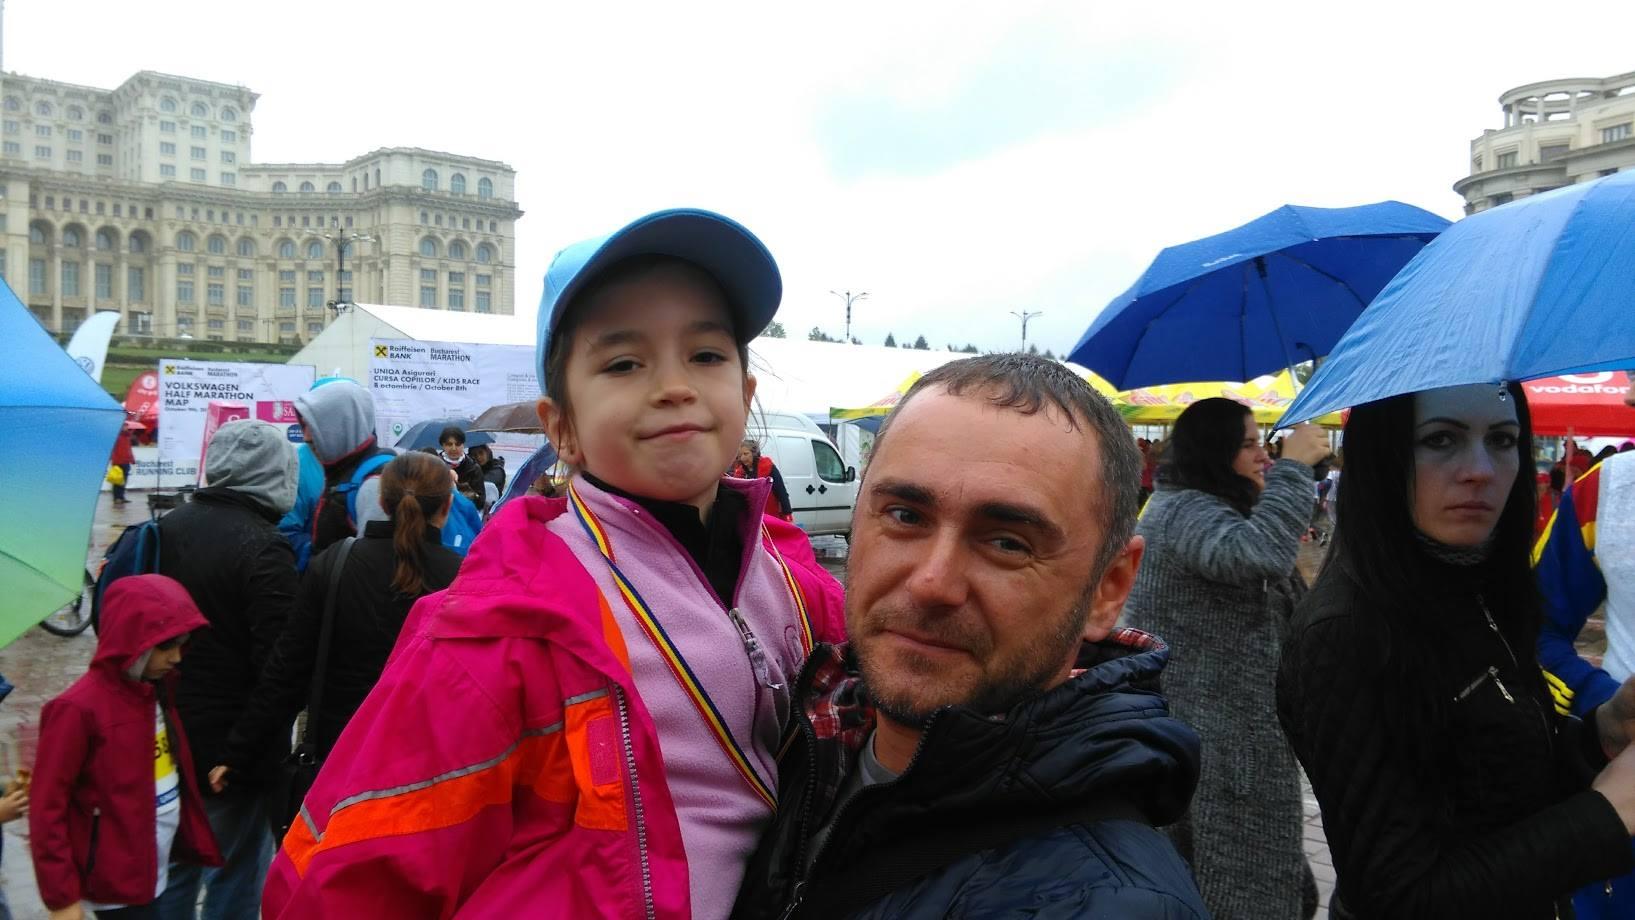 Alături de antrenorul Mihăiță Băloi, care a pus mult suflet și a încurajat-o frenetic pe Natalia în timpul cursei. Tot el a pus la punct și strategia :)